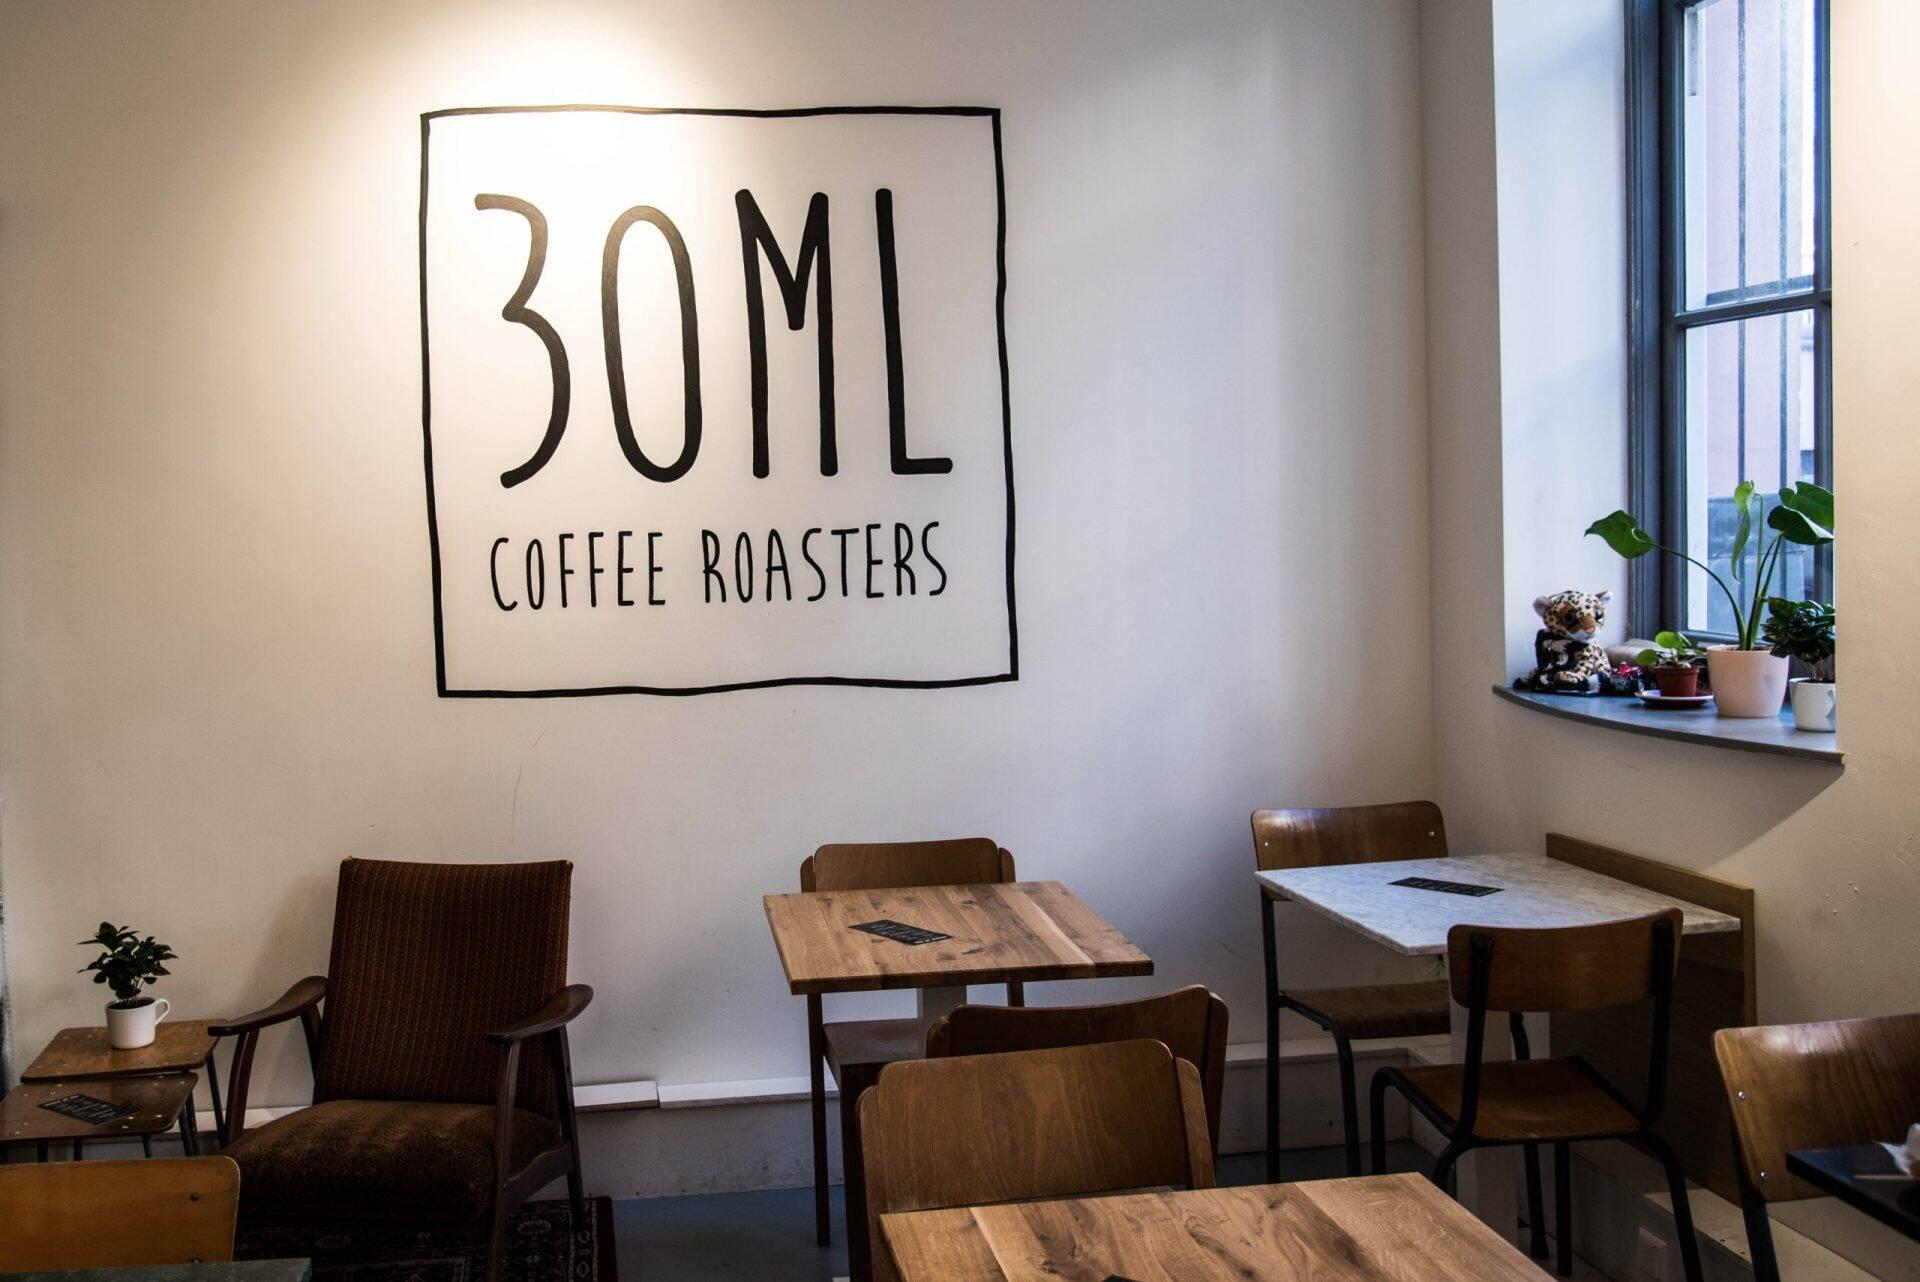 30 ML Coffee Roasters Zadelstraat in Utrecht